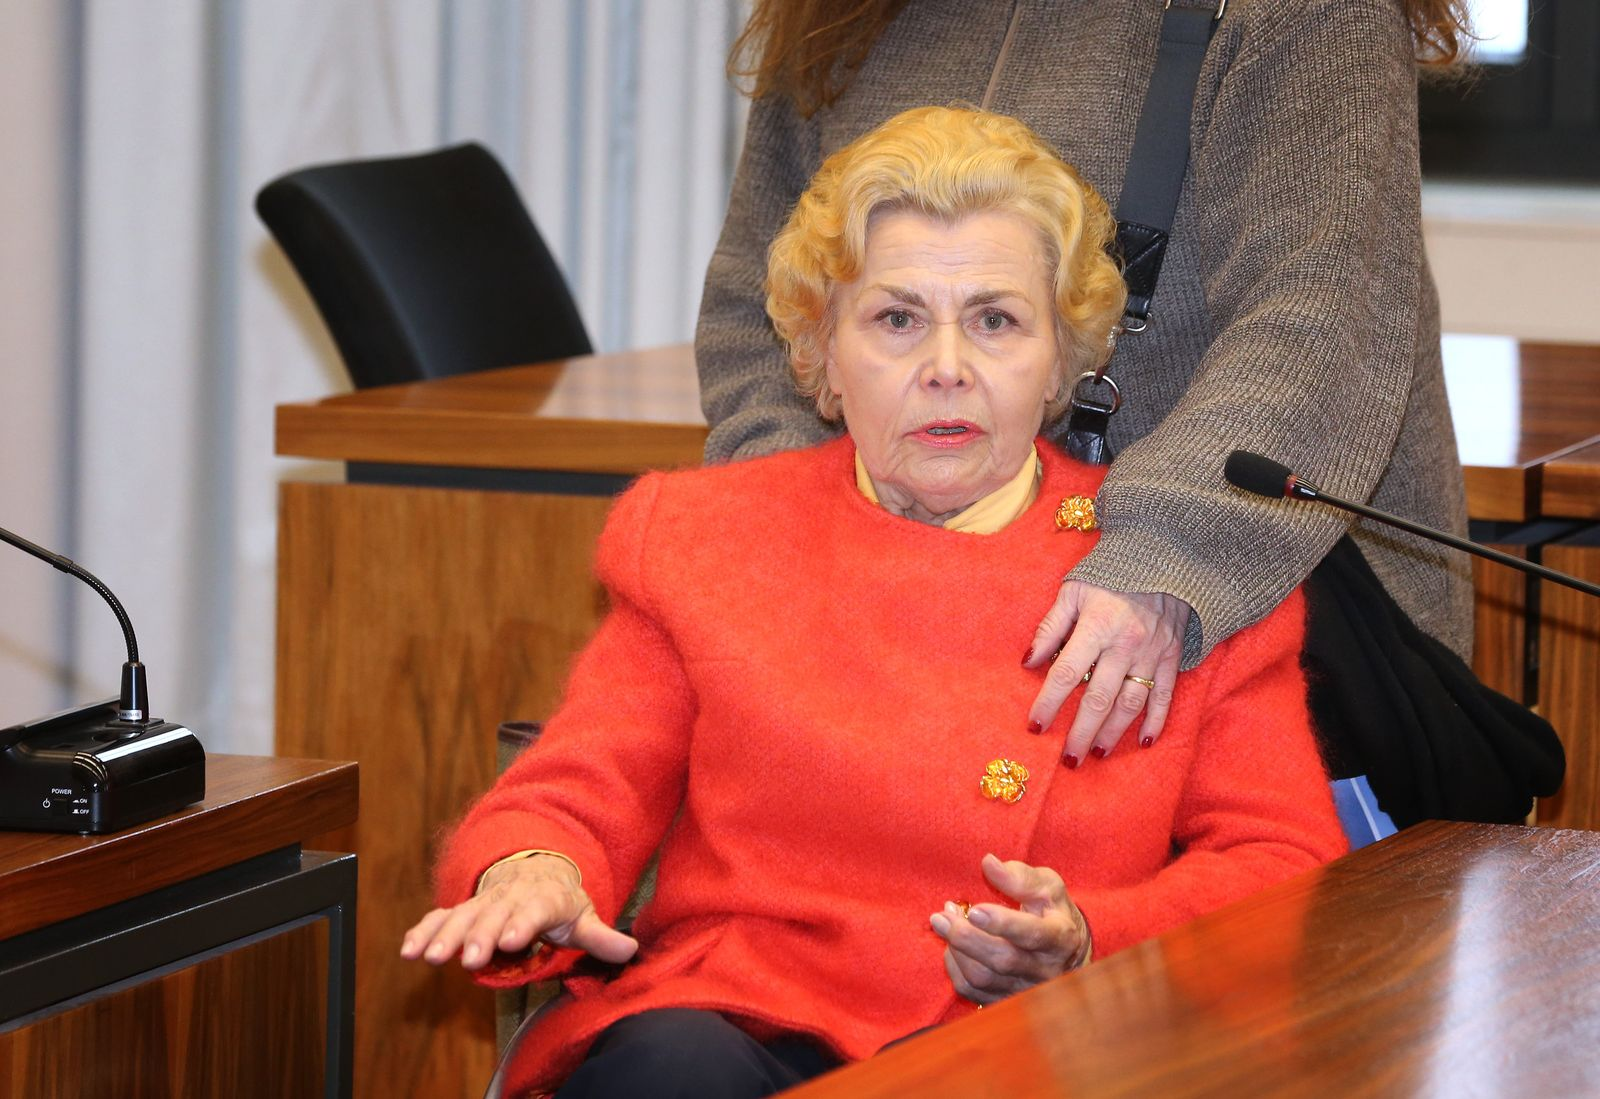 Berufungsverfahren gegen 85 Jahre alte Rentnerin